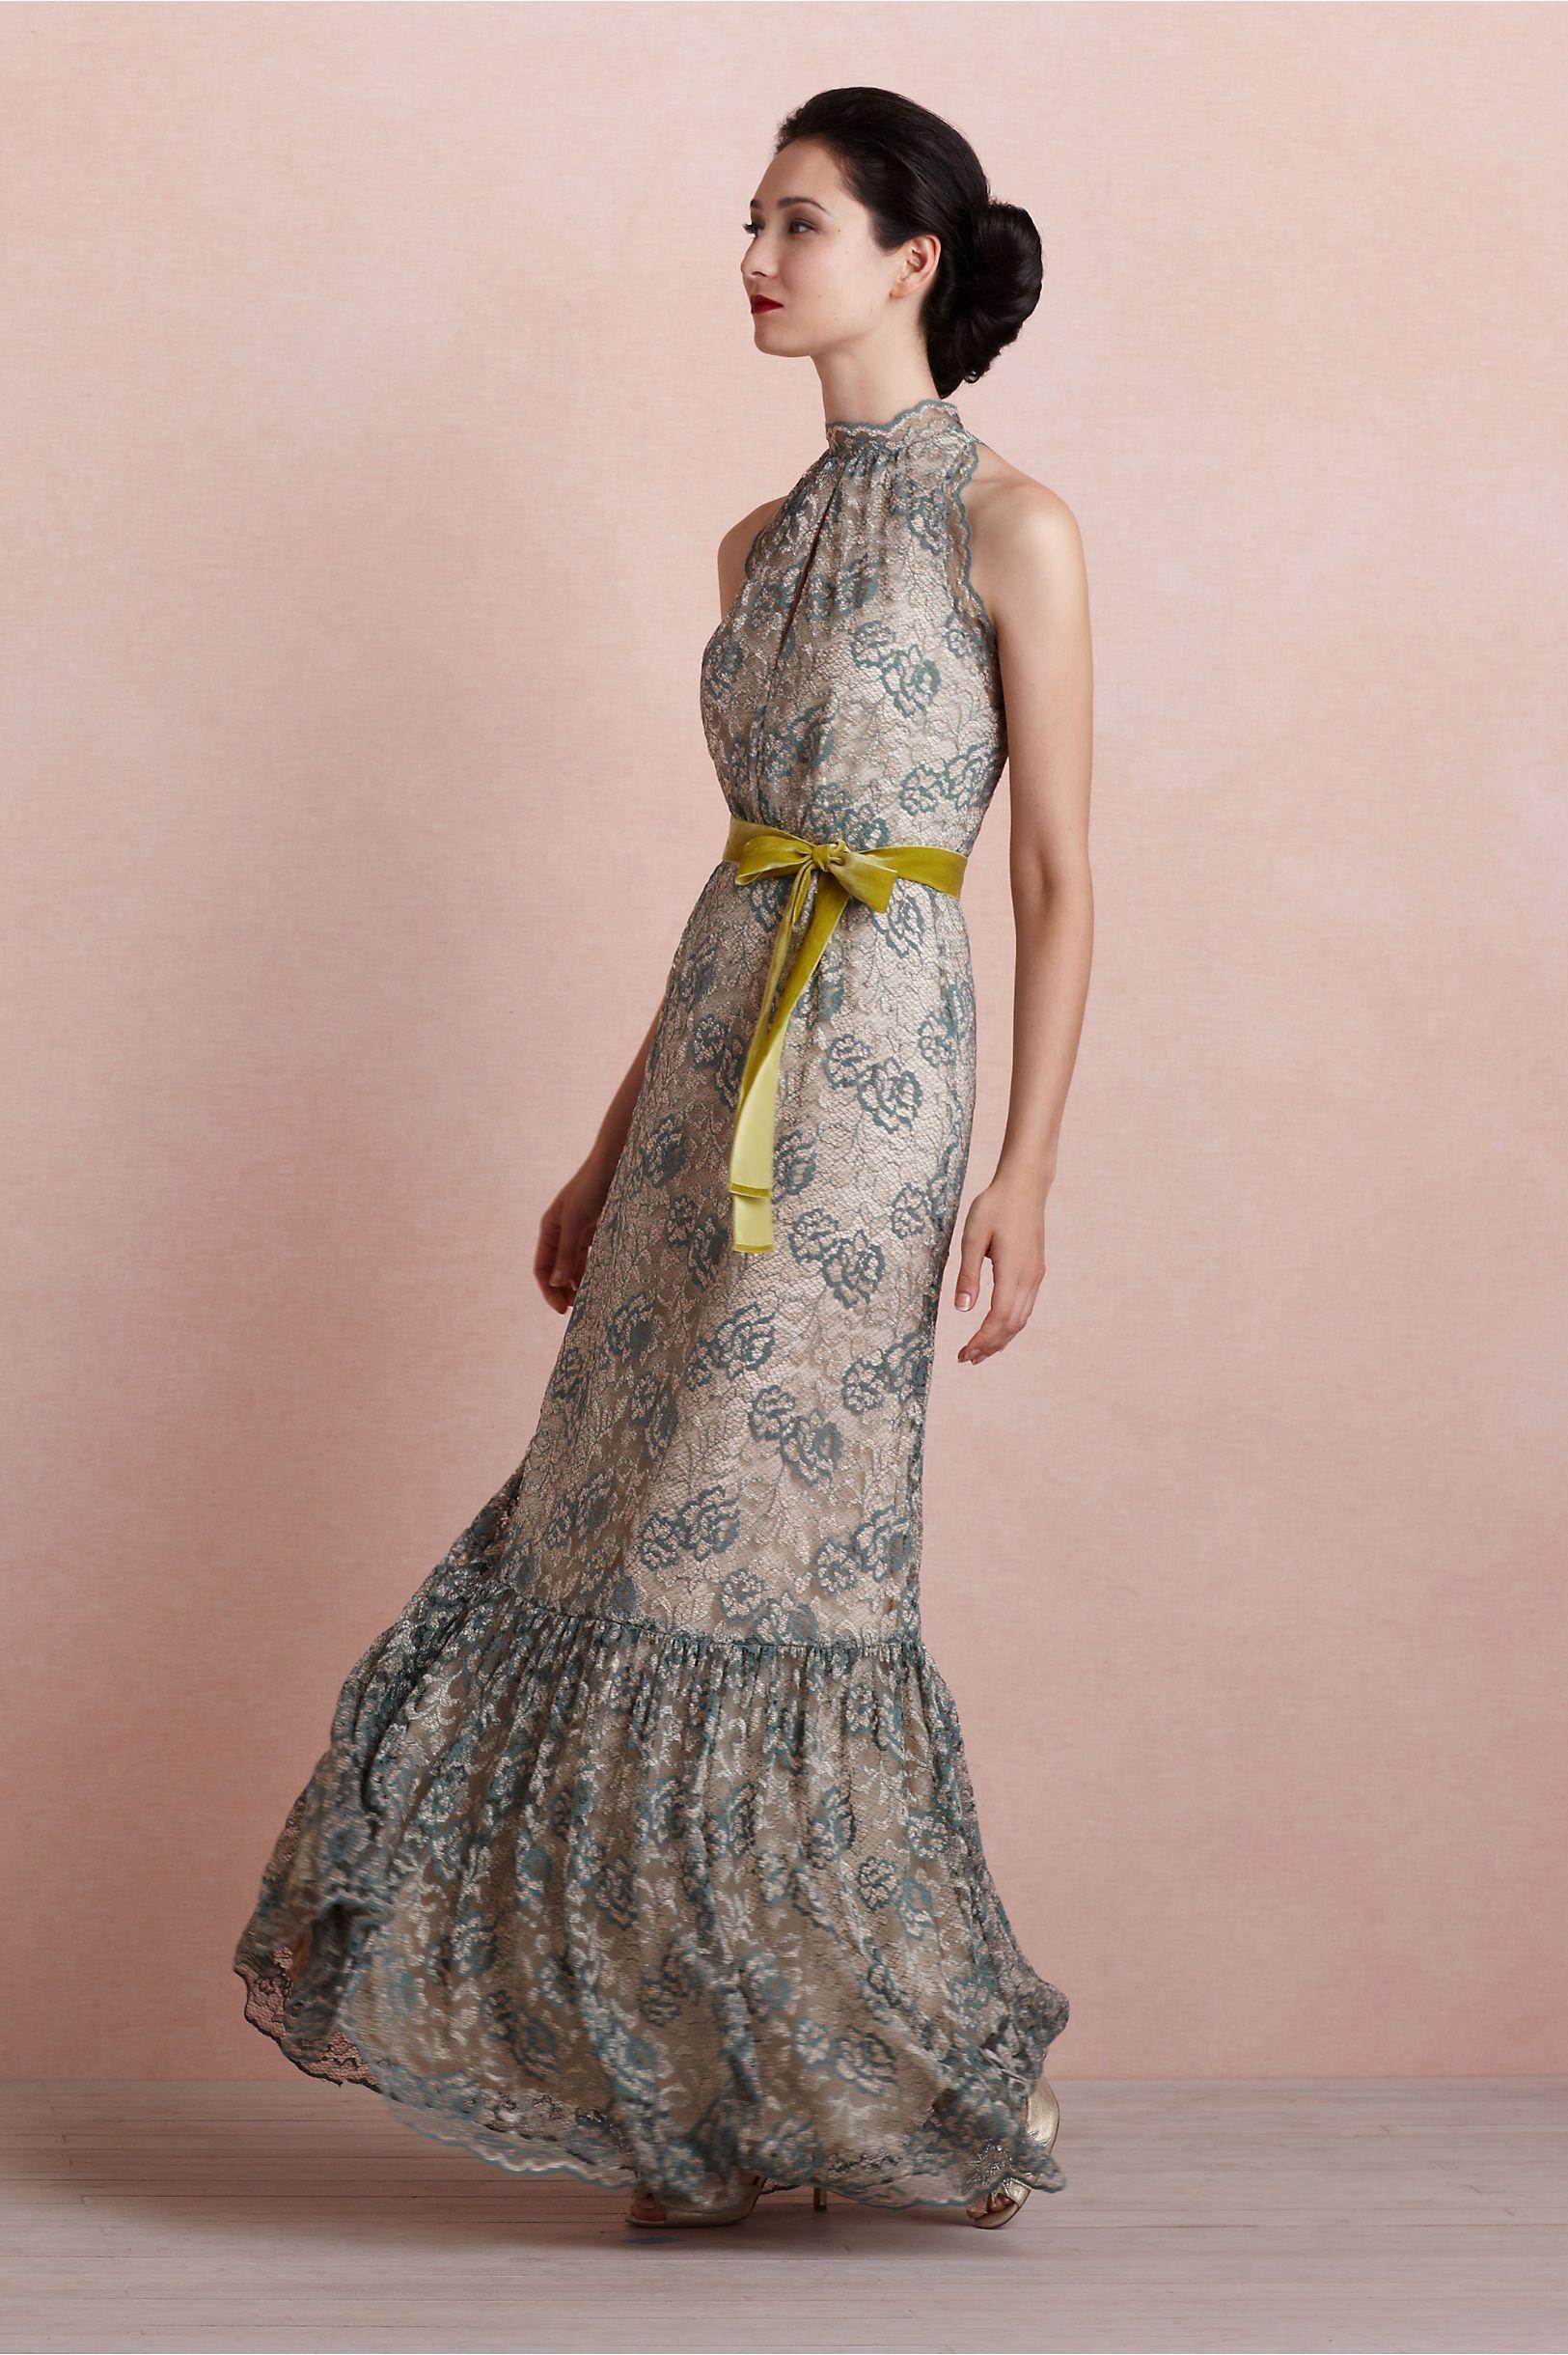 Pin de Susan Chan en House of Style | Pinterest | Vestidos para ...